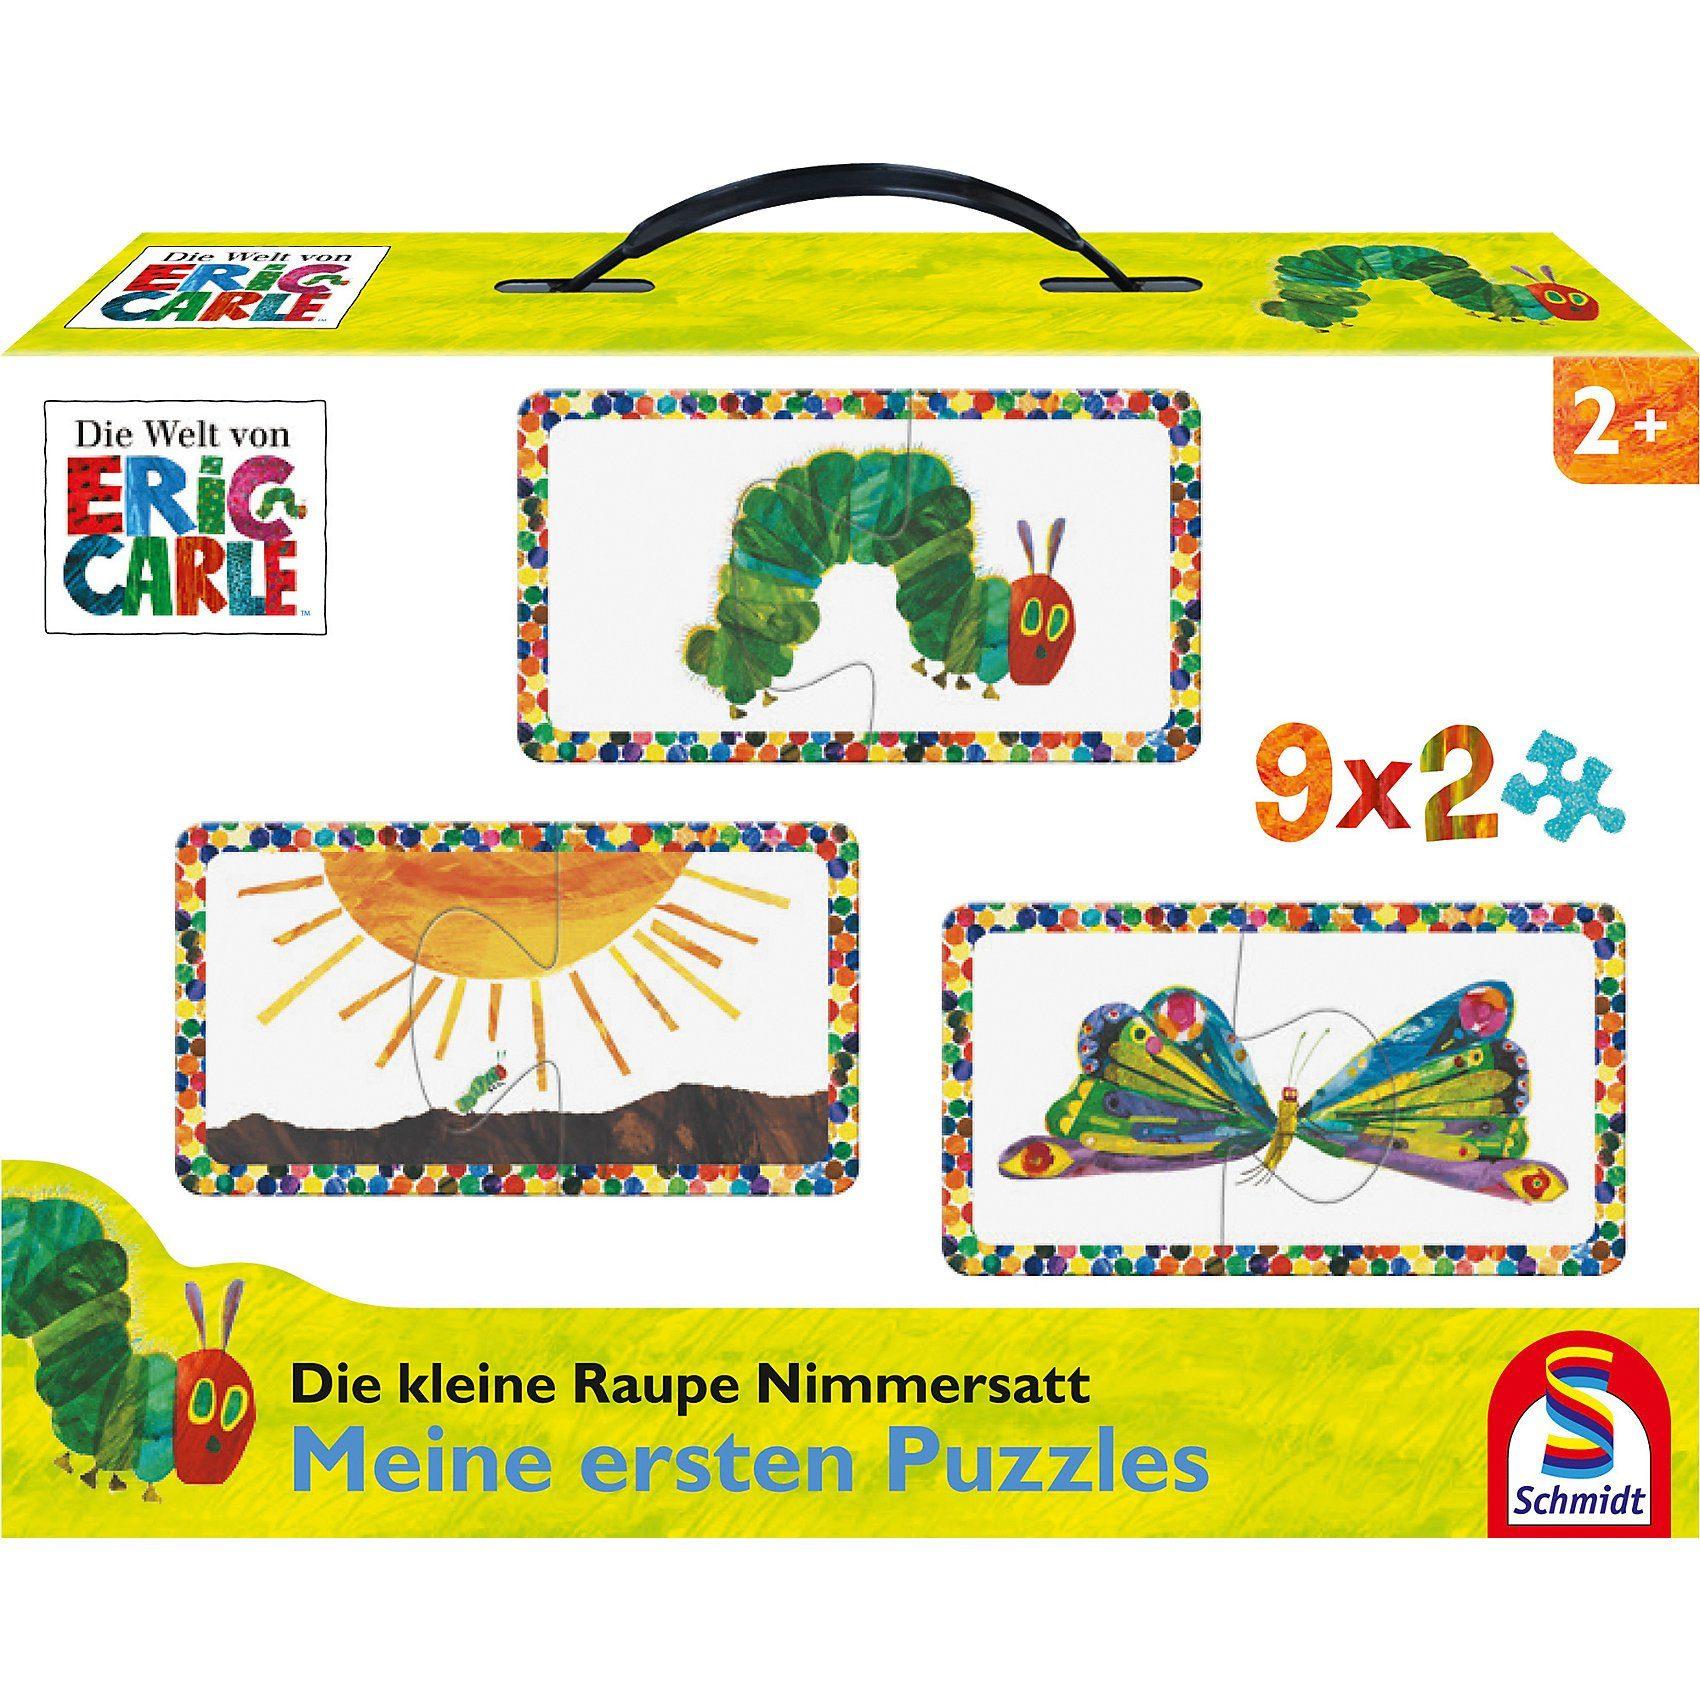 Schmidt Spiele Puzzleset Die kleine Raupe Nimmersatt, 9 x 2 Teile